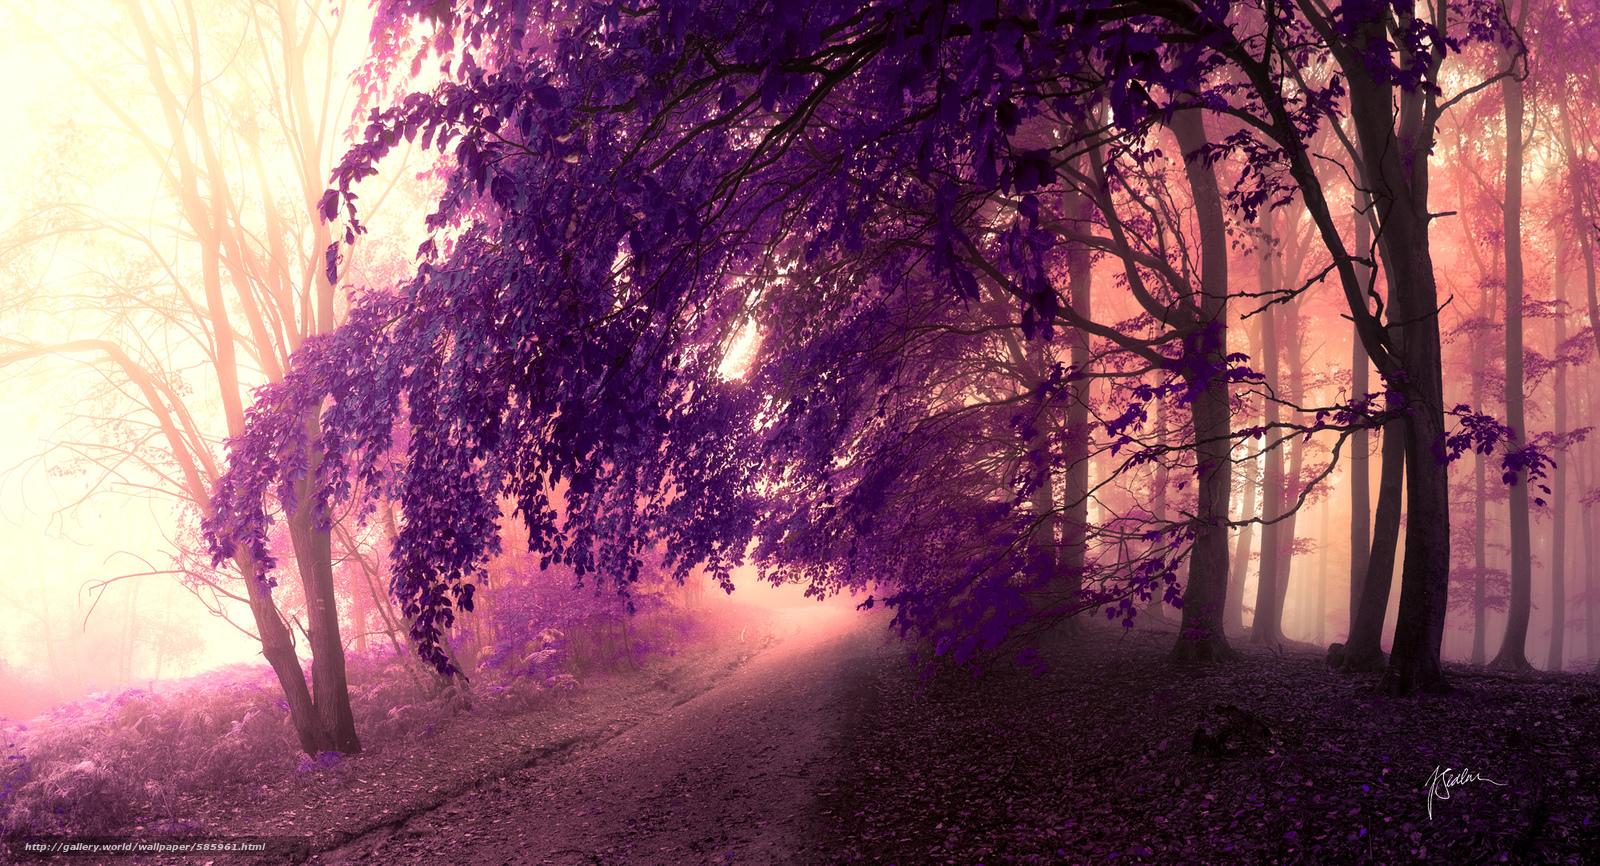 下载壁纸 冠,  树,  叶子,  道路 免费为您的桌面分辨率的壁纸 2000x1082 — 图片 №585961